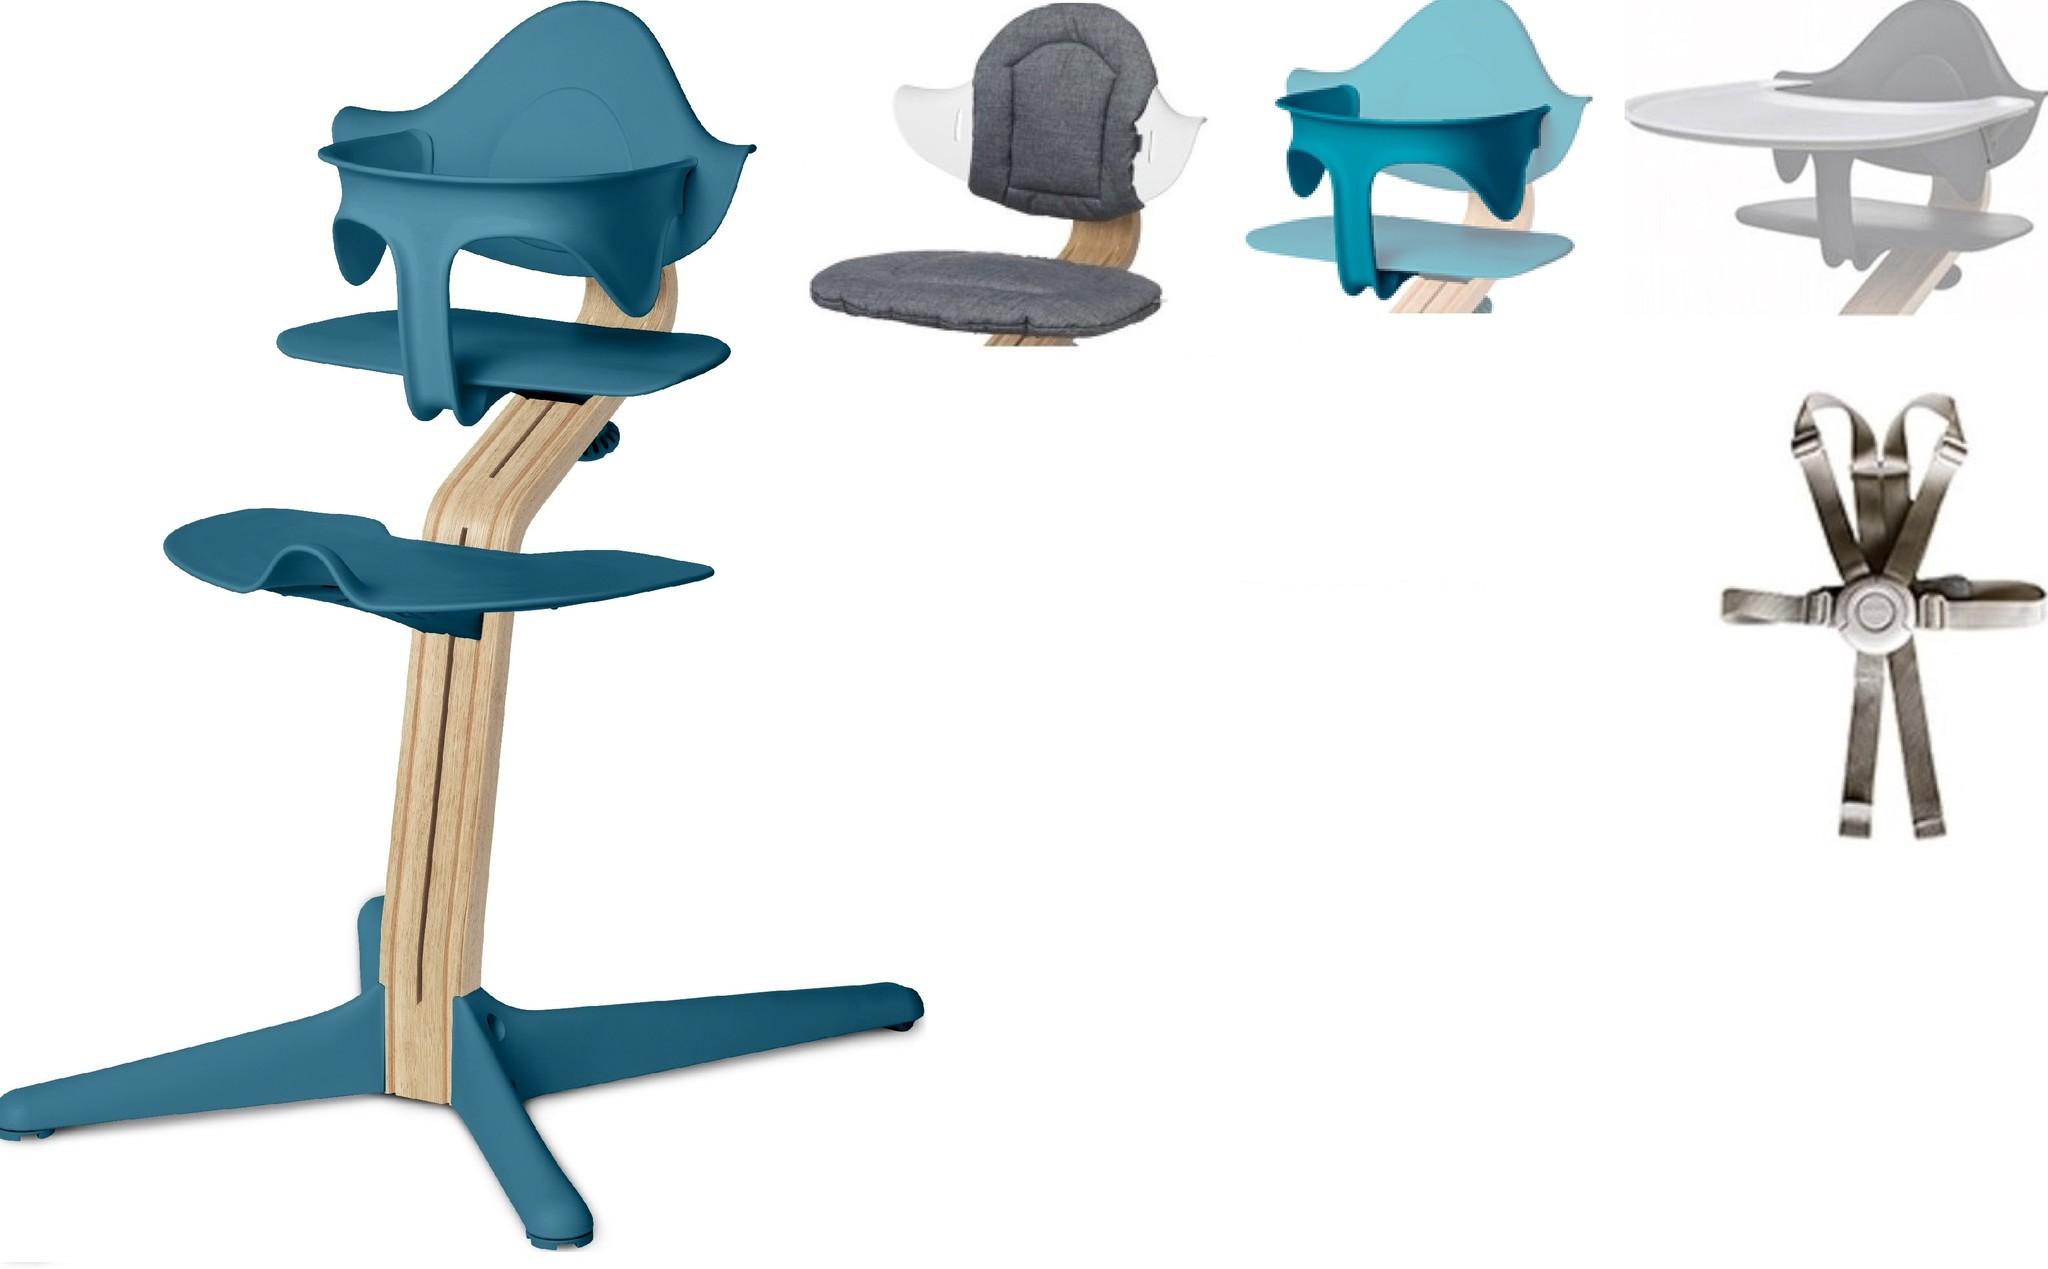 NOMI highchair: ideale set vanaf 6 maanden met Basis met Meegroeistoel, Zitkussen, Beugel, Tray en H